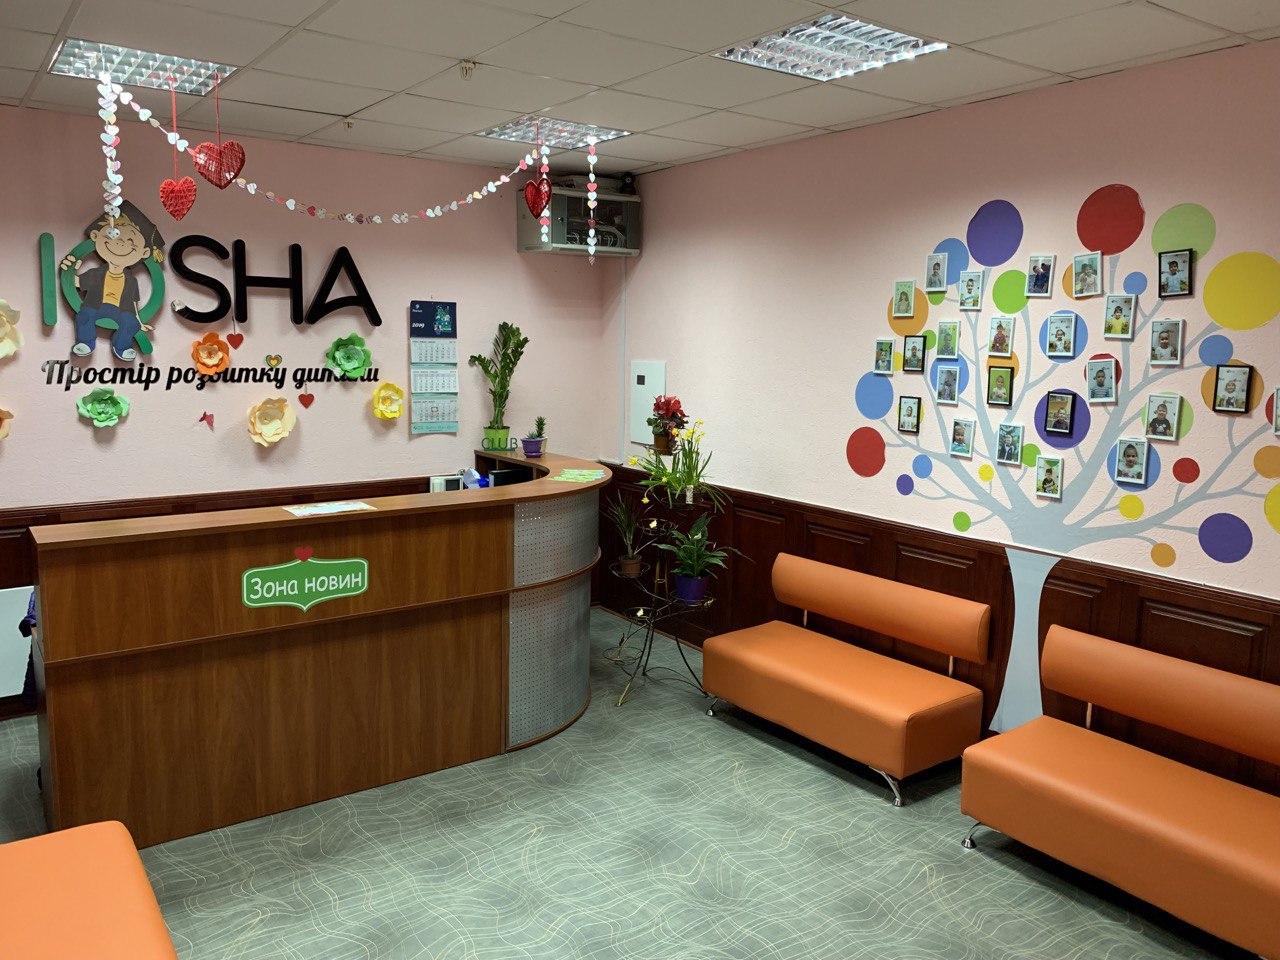 IQsha Club